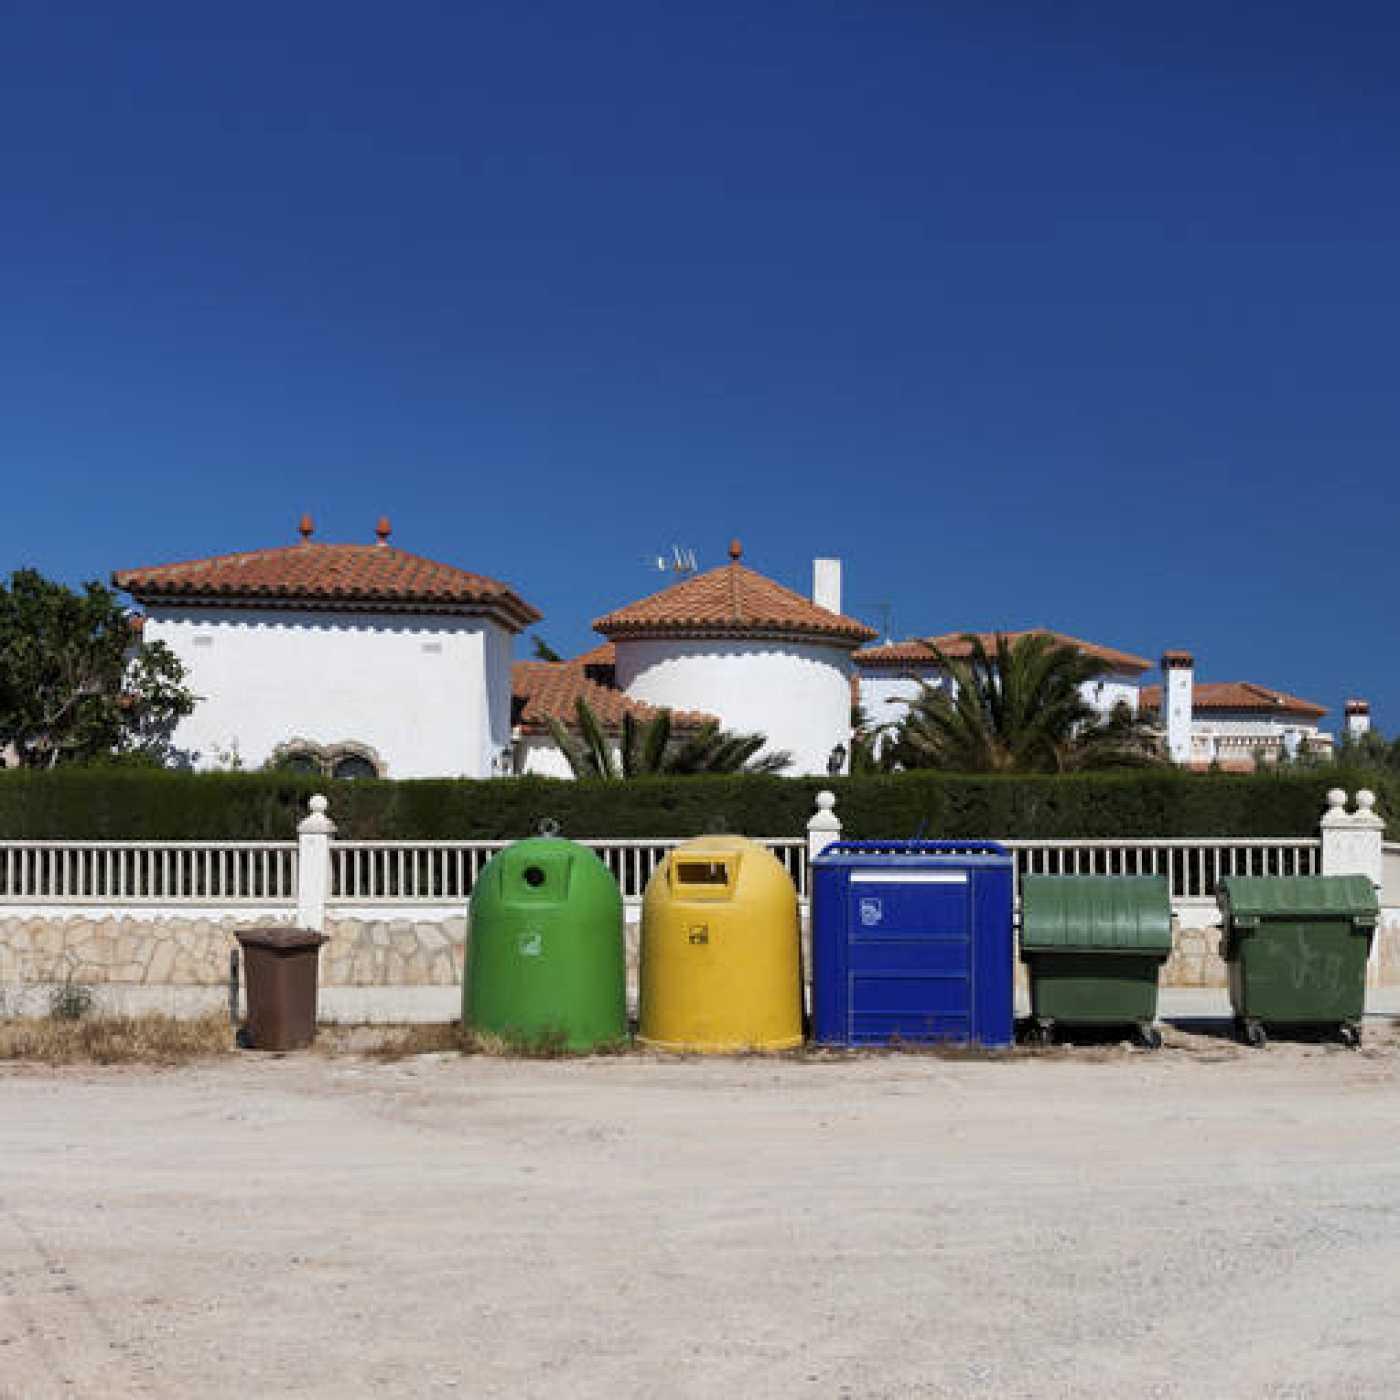 Contenedores para separar los residuos.